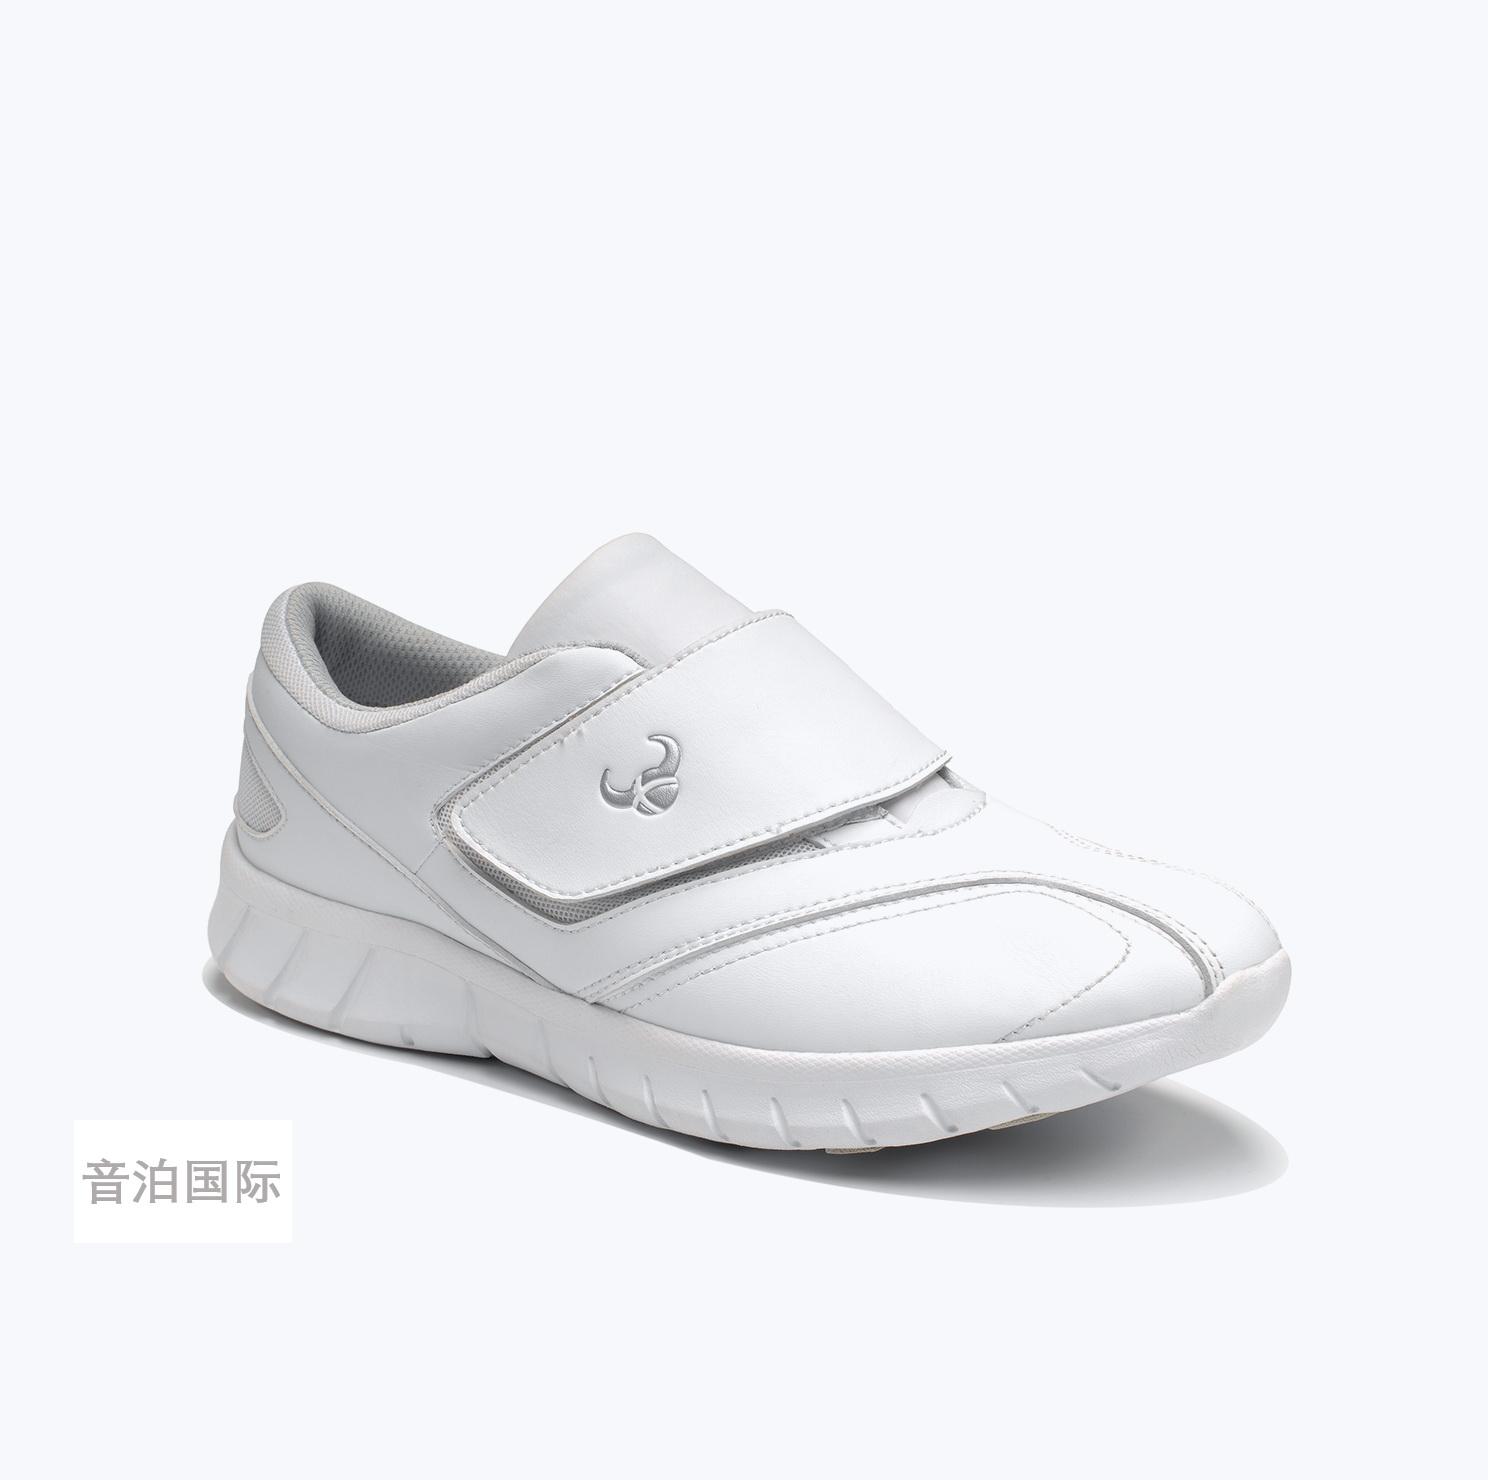 bo-white